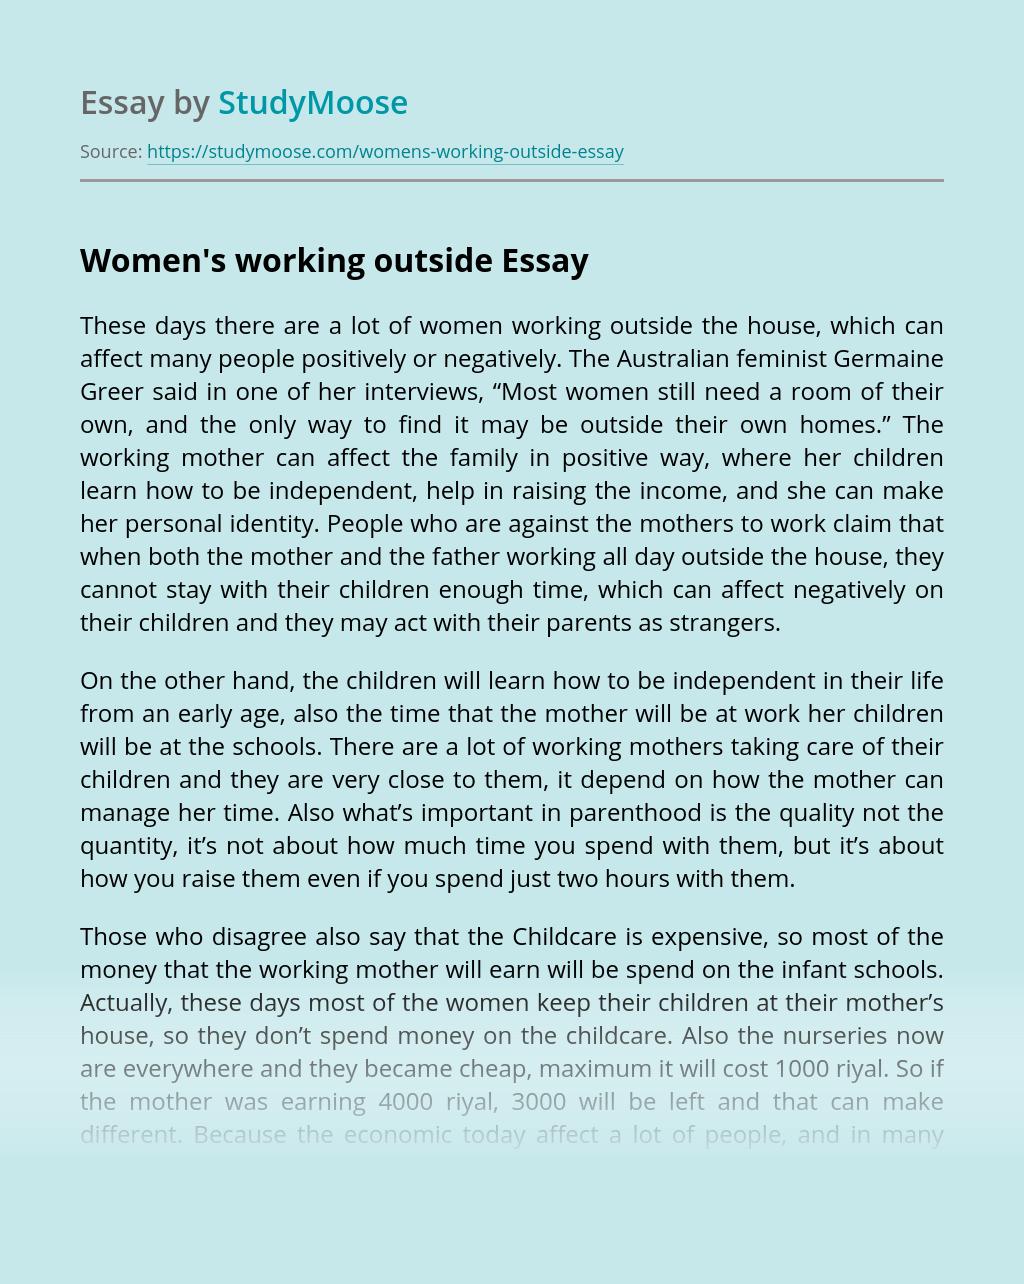 Women's working outside